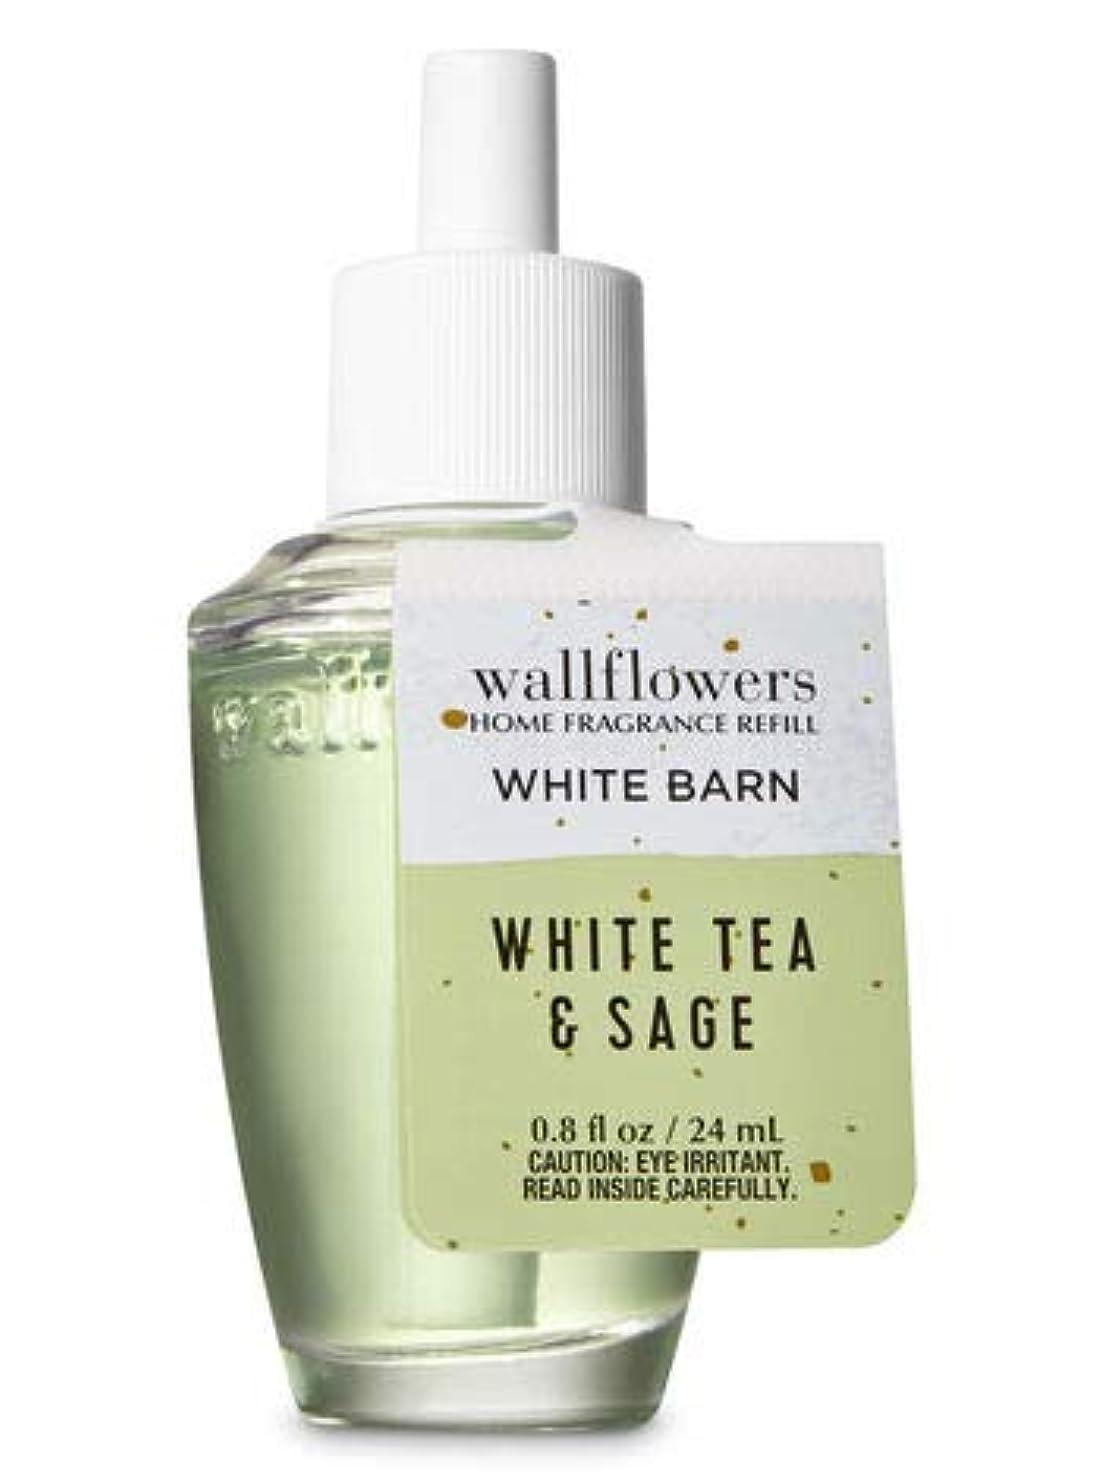 戦略ロマンチック付与【Bath&Body Works/バス&ボディワークス】 ルームフレグランス 詰替えリフィル ホワイトティー&セージ Wallflowers Home Fragrance Refill White Tea & Sage [並行輸入品]